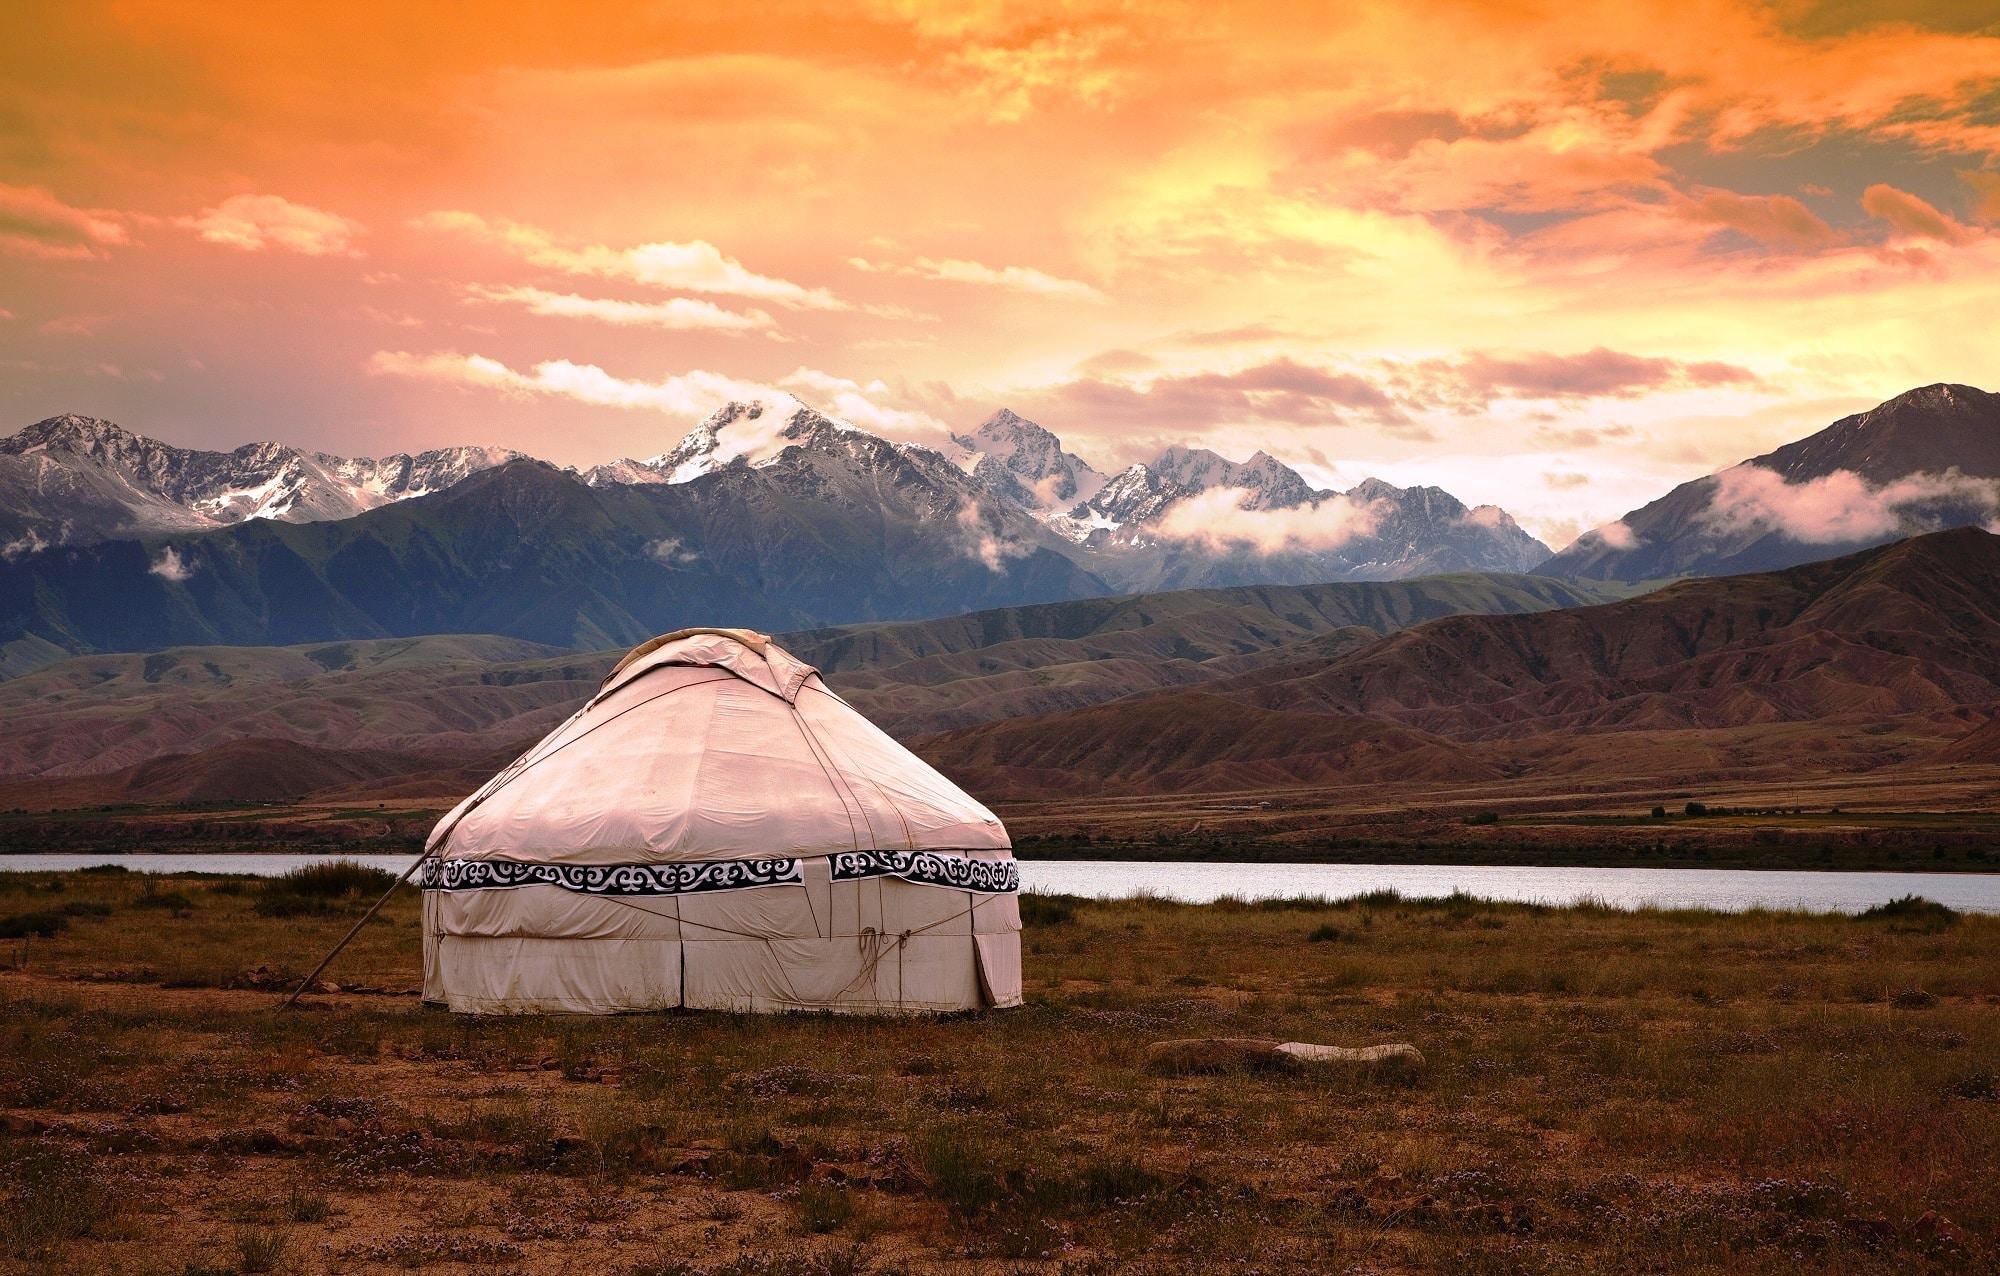 Nomaden Jurten in Kirgistan mit Gebirgssee und Berge im Hintergrund